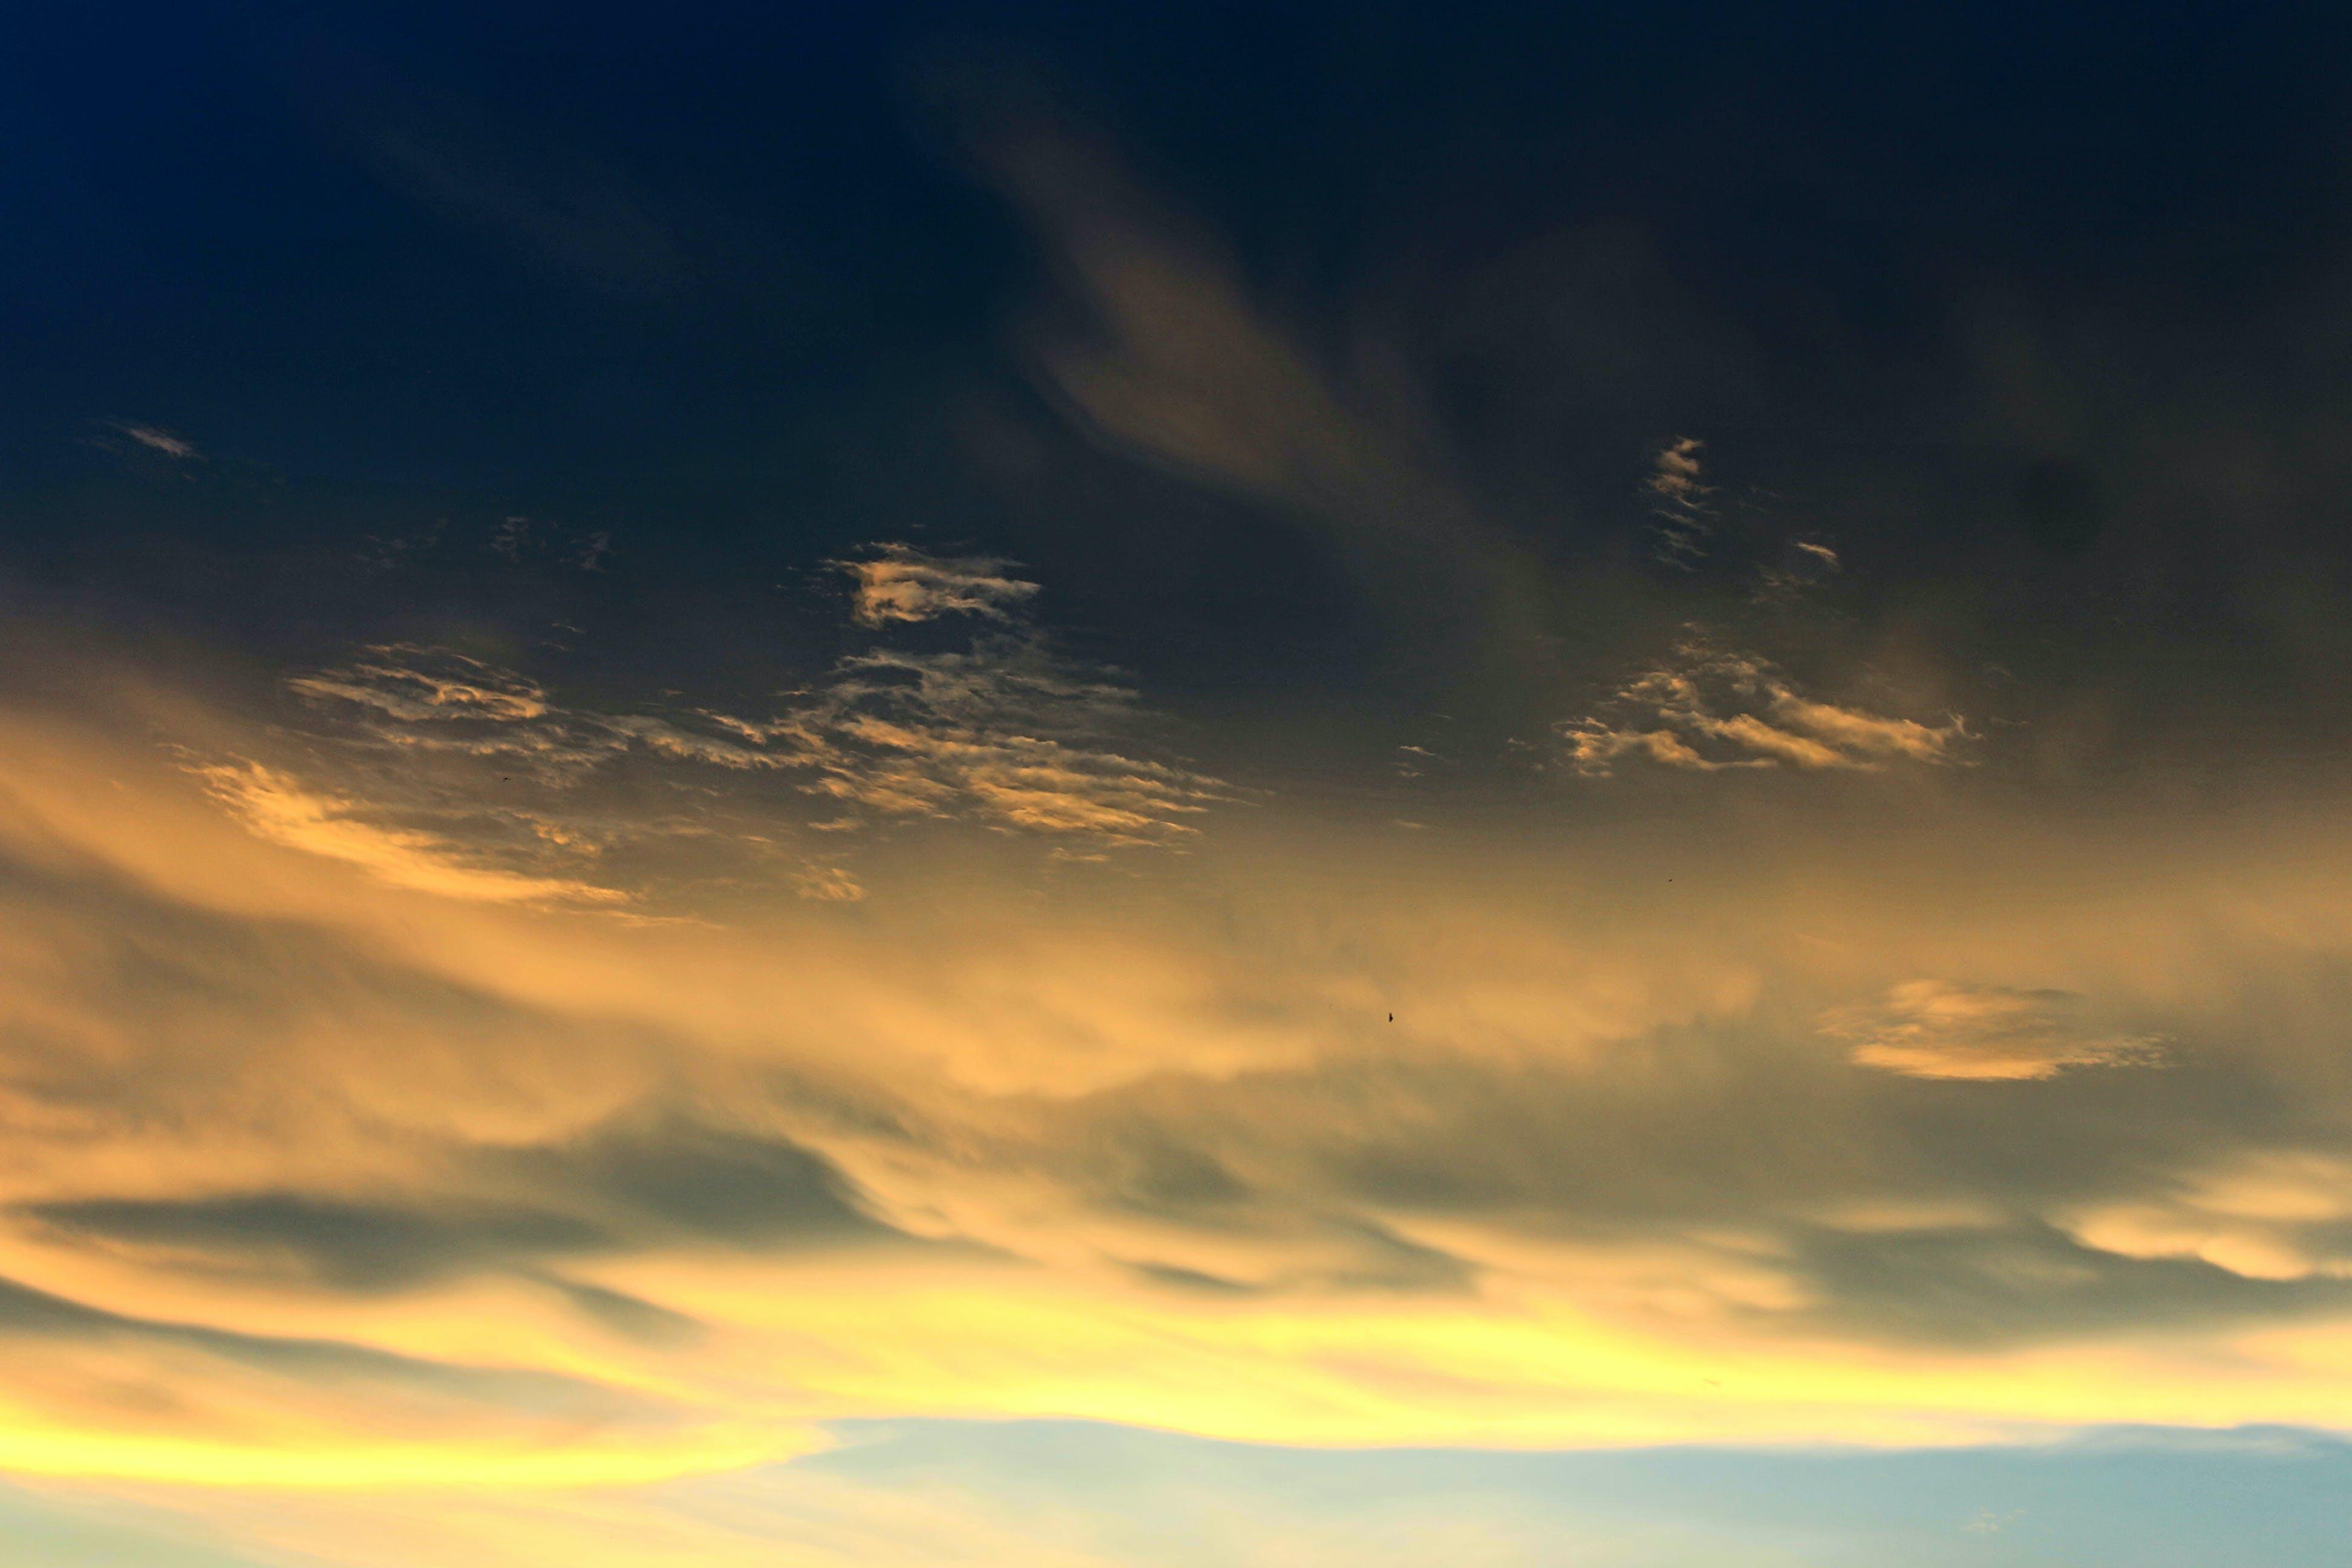 barışçıl, bulut görünümü, bulutlar, bulutlu içeren Ücretsiz stok fotoğraf